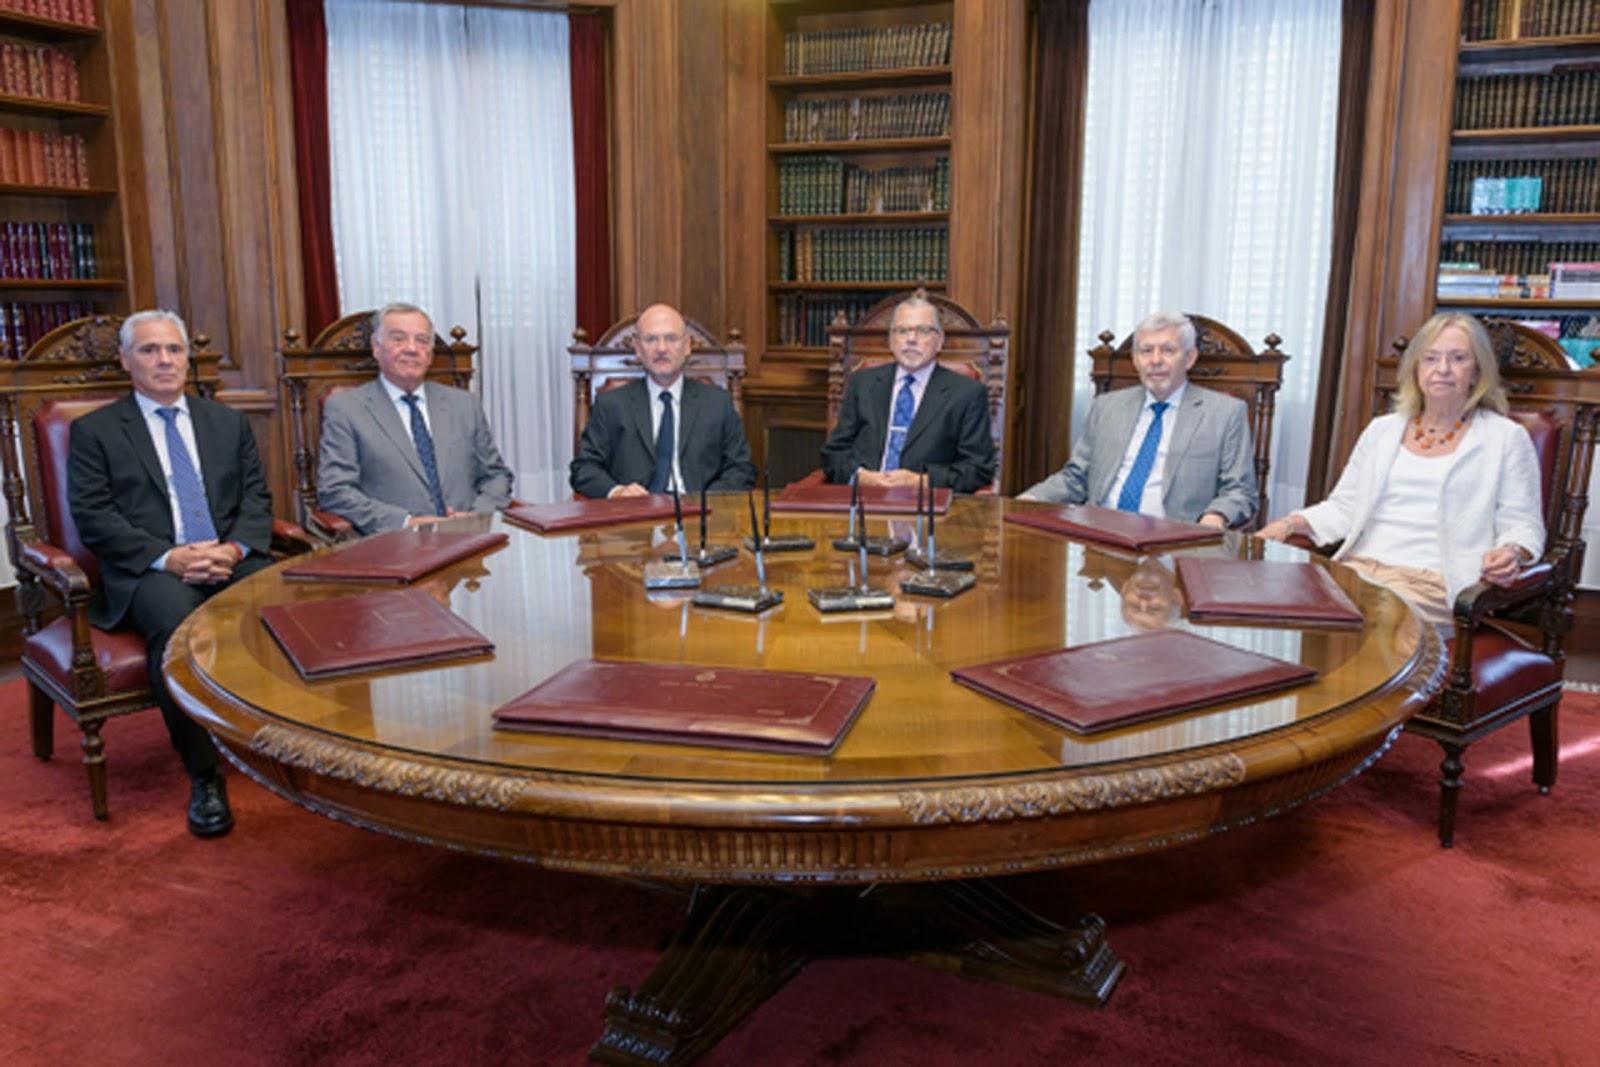 La Corte bonaerense decidió que las domiciliarias deben analizarse caso por caso